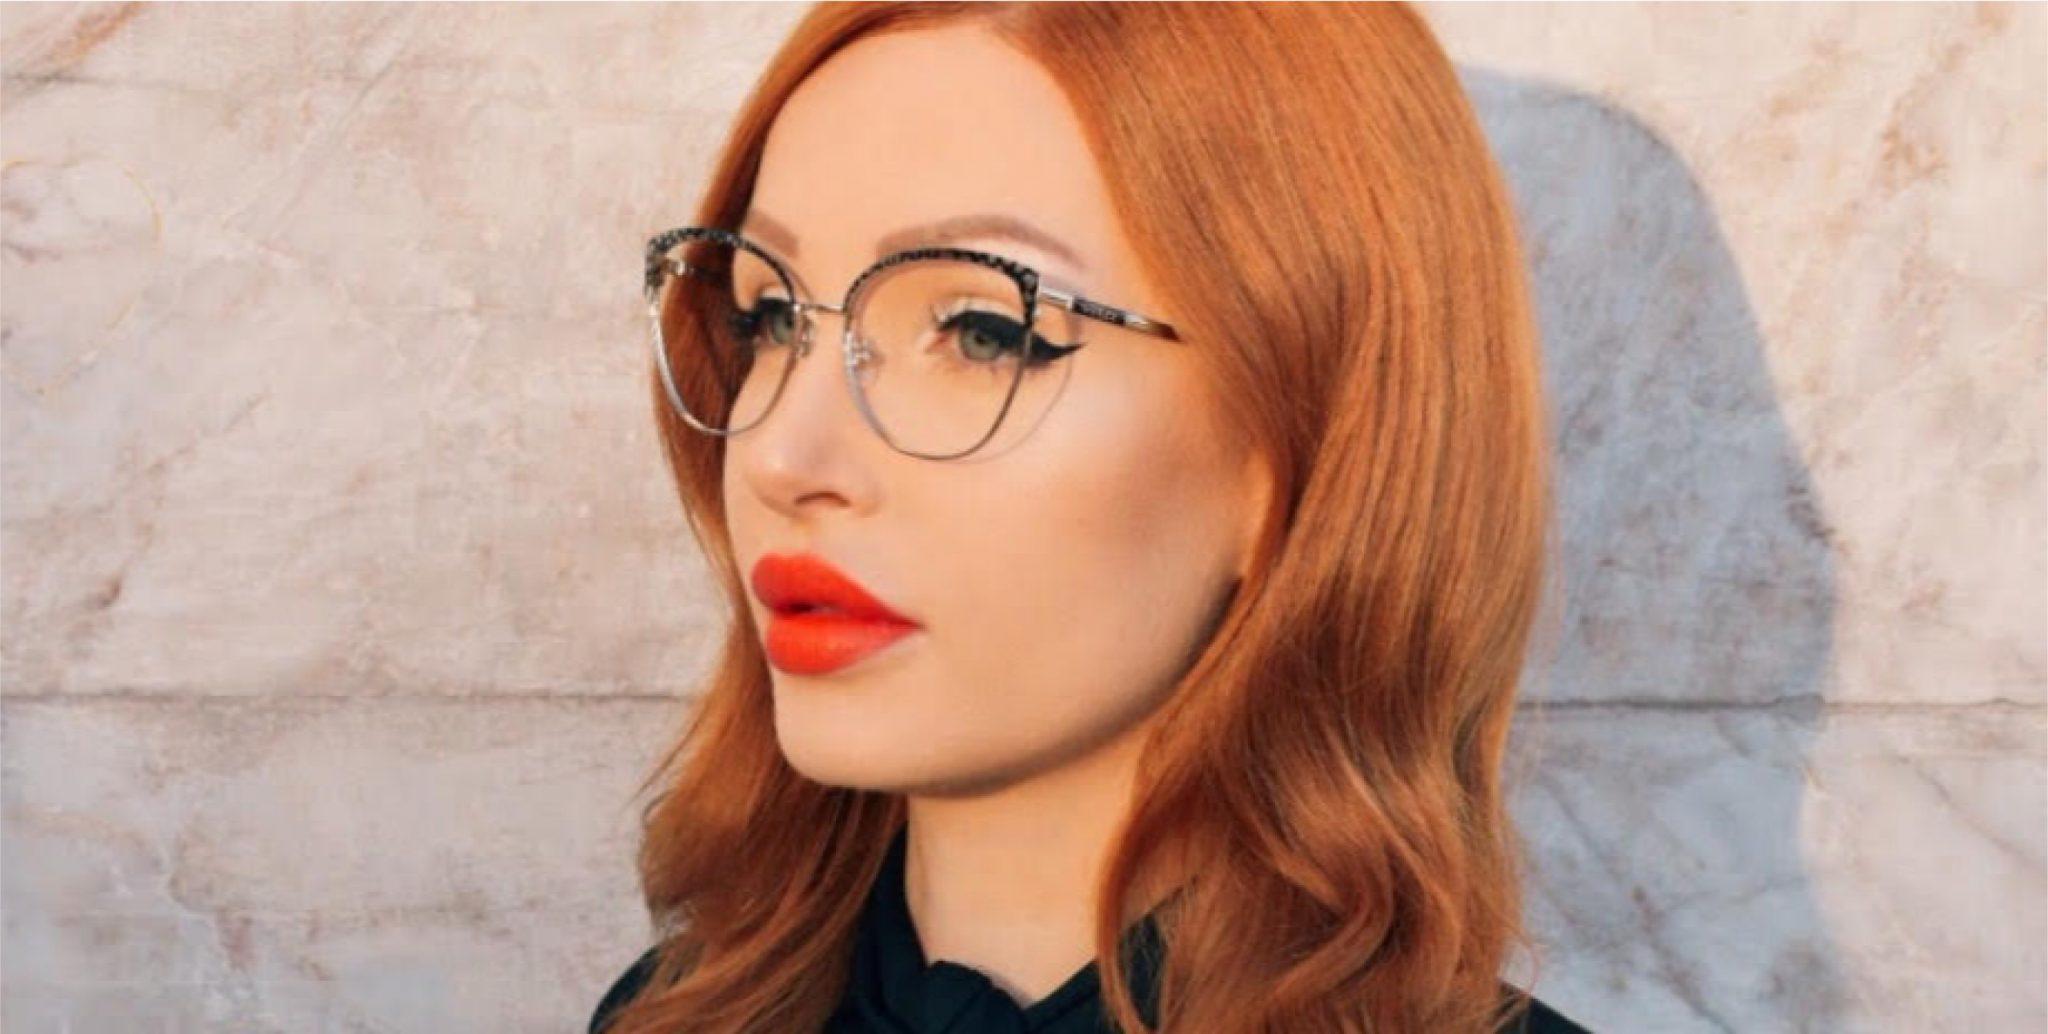 sara influencer glasses guess